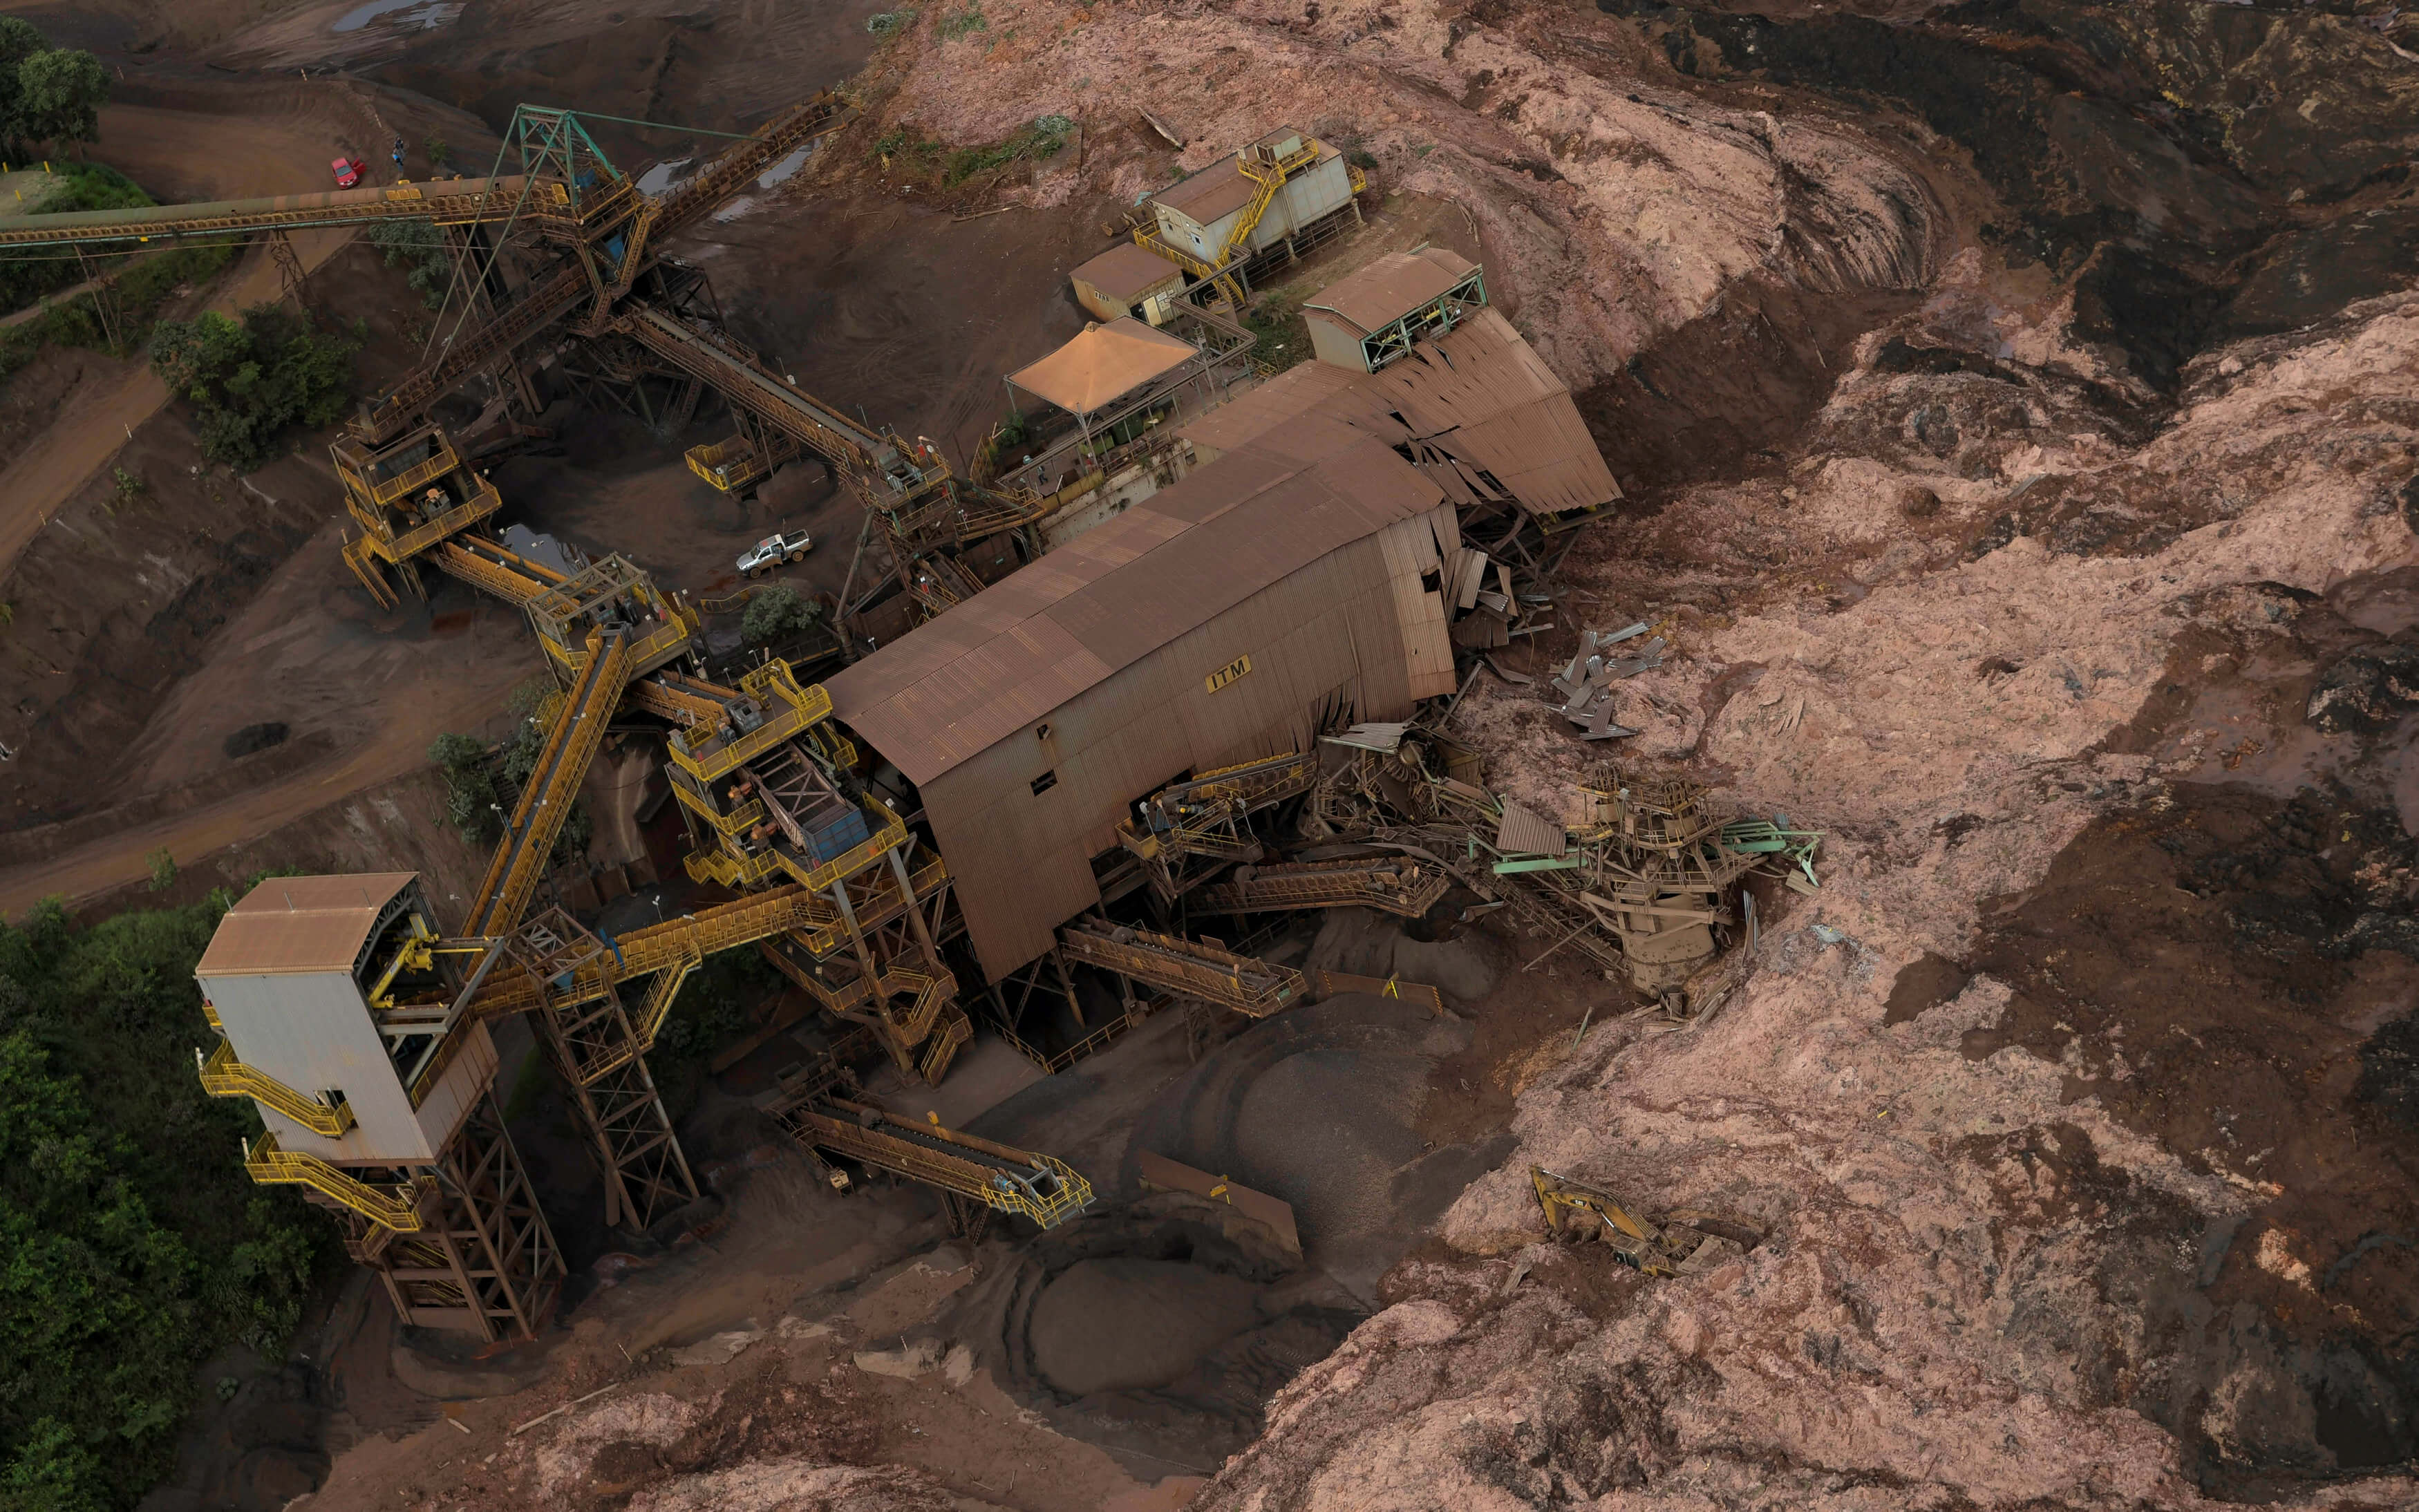 Foto: Instalaciones de la minera Vale destruidas por el deslave el 25 de enero del 2019